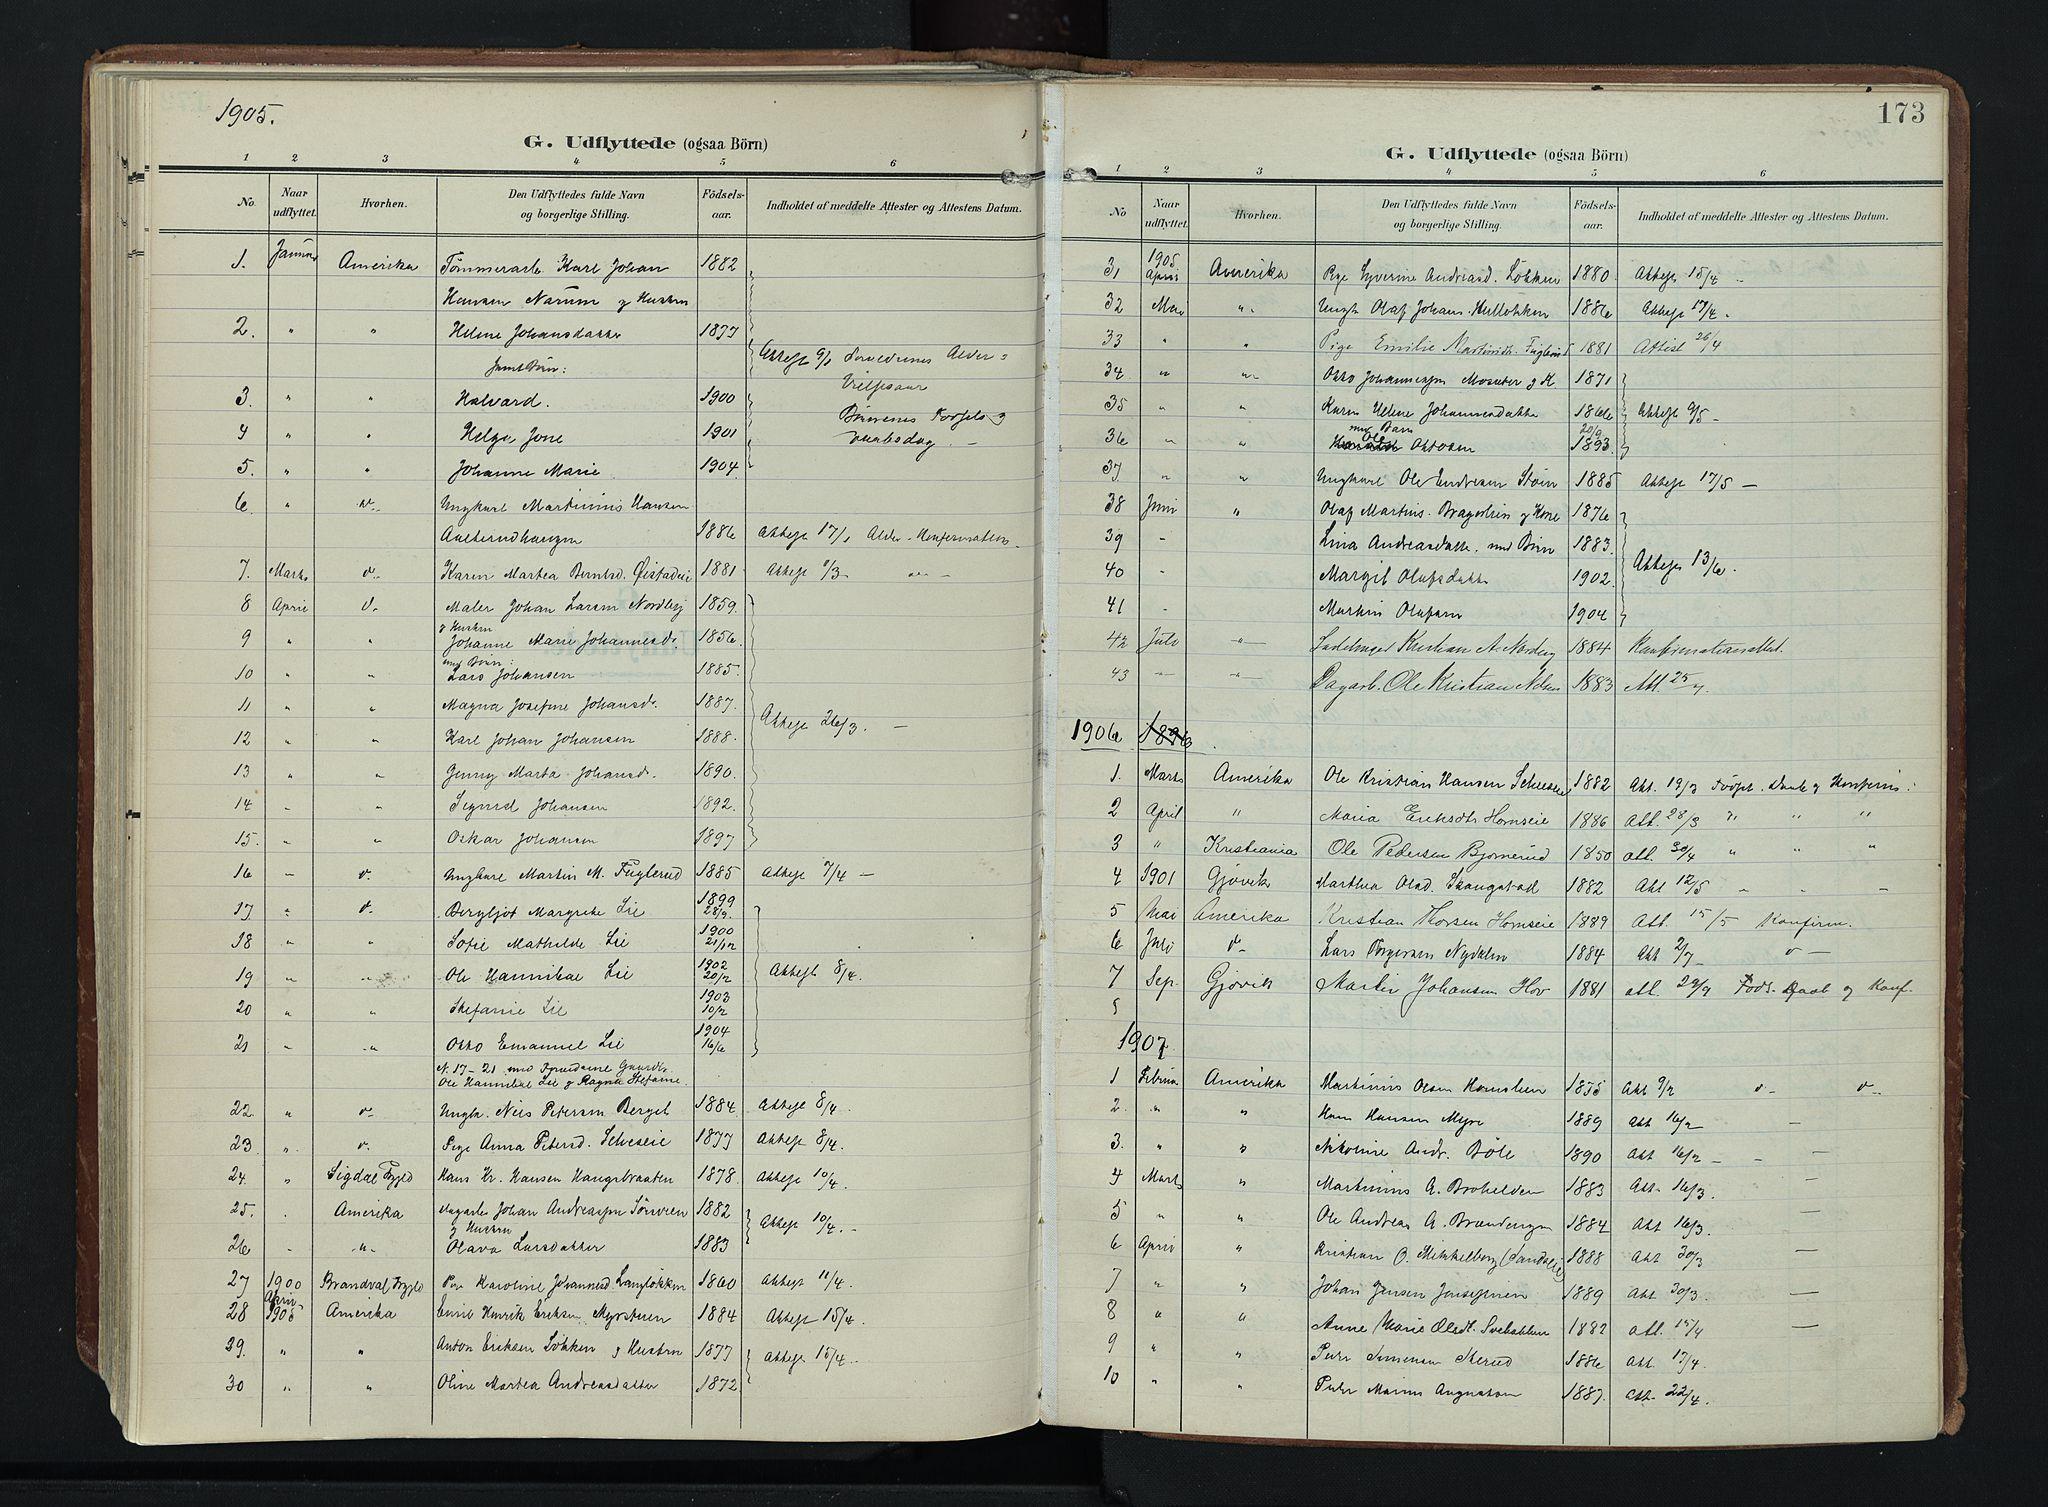 SAH, Søndre Land prestekontor, K/L0007: Ministerialbok nr. 7, 1905-1914, s. 173